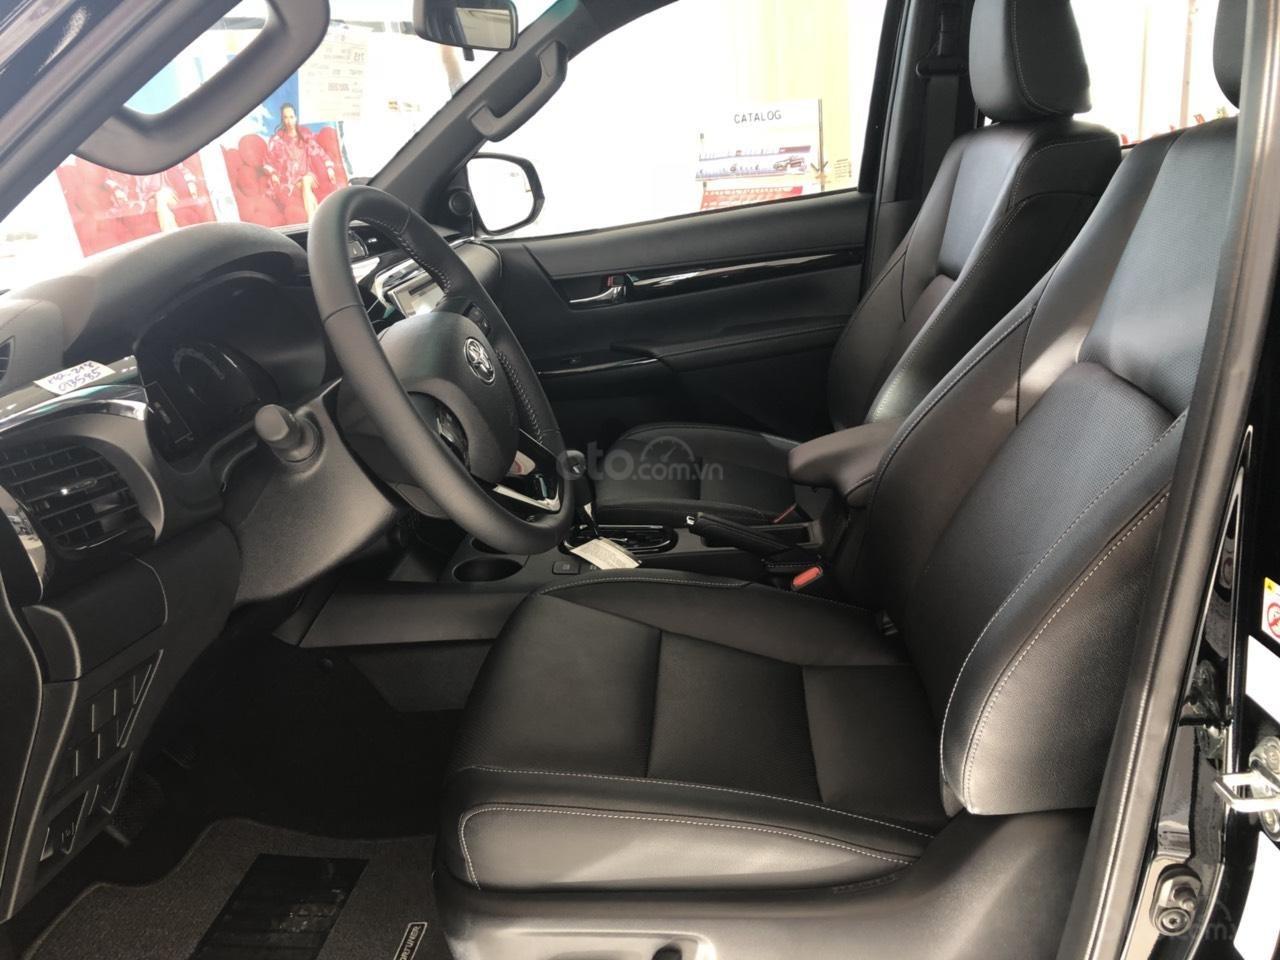 Toyota Hilux 2.8 (4x4) AT sản xuất năm 2019, màu đen, nhập khẩu nguyên chiếc giao ngay-4